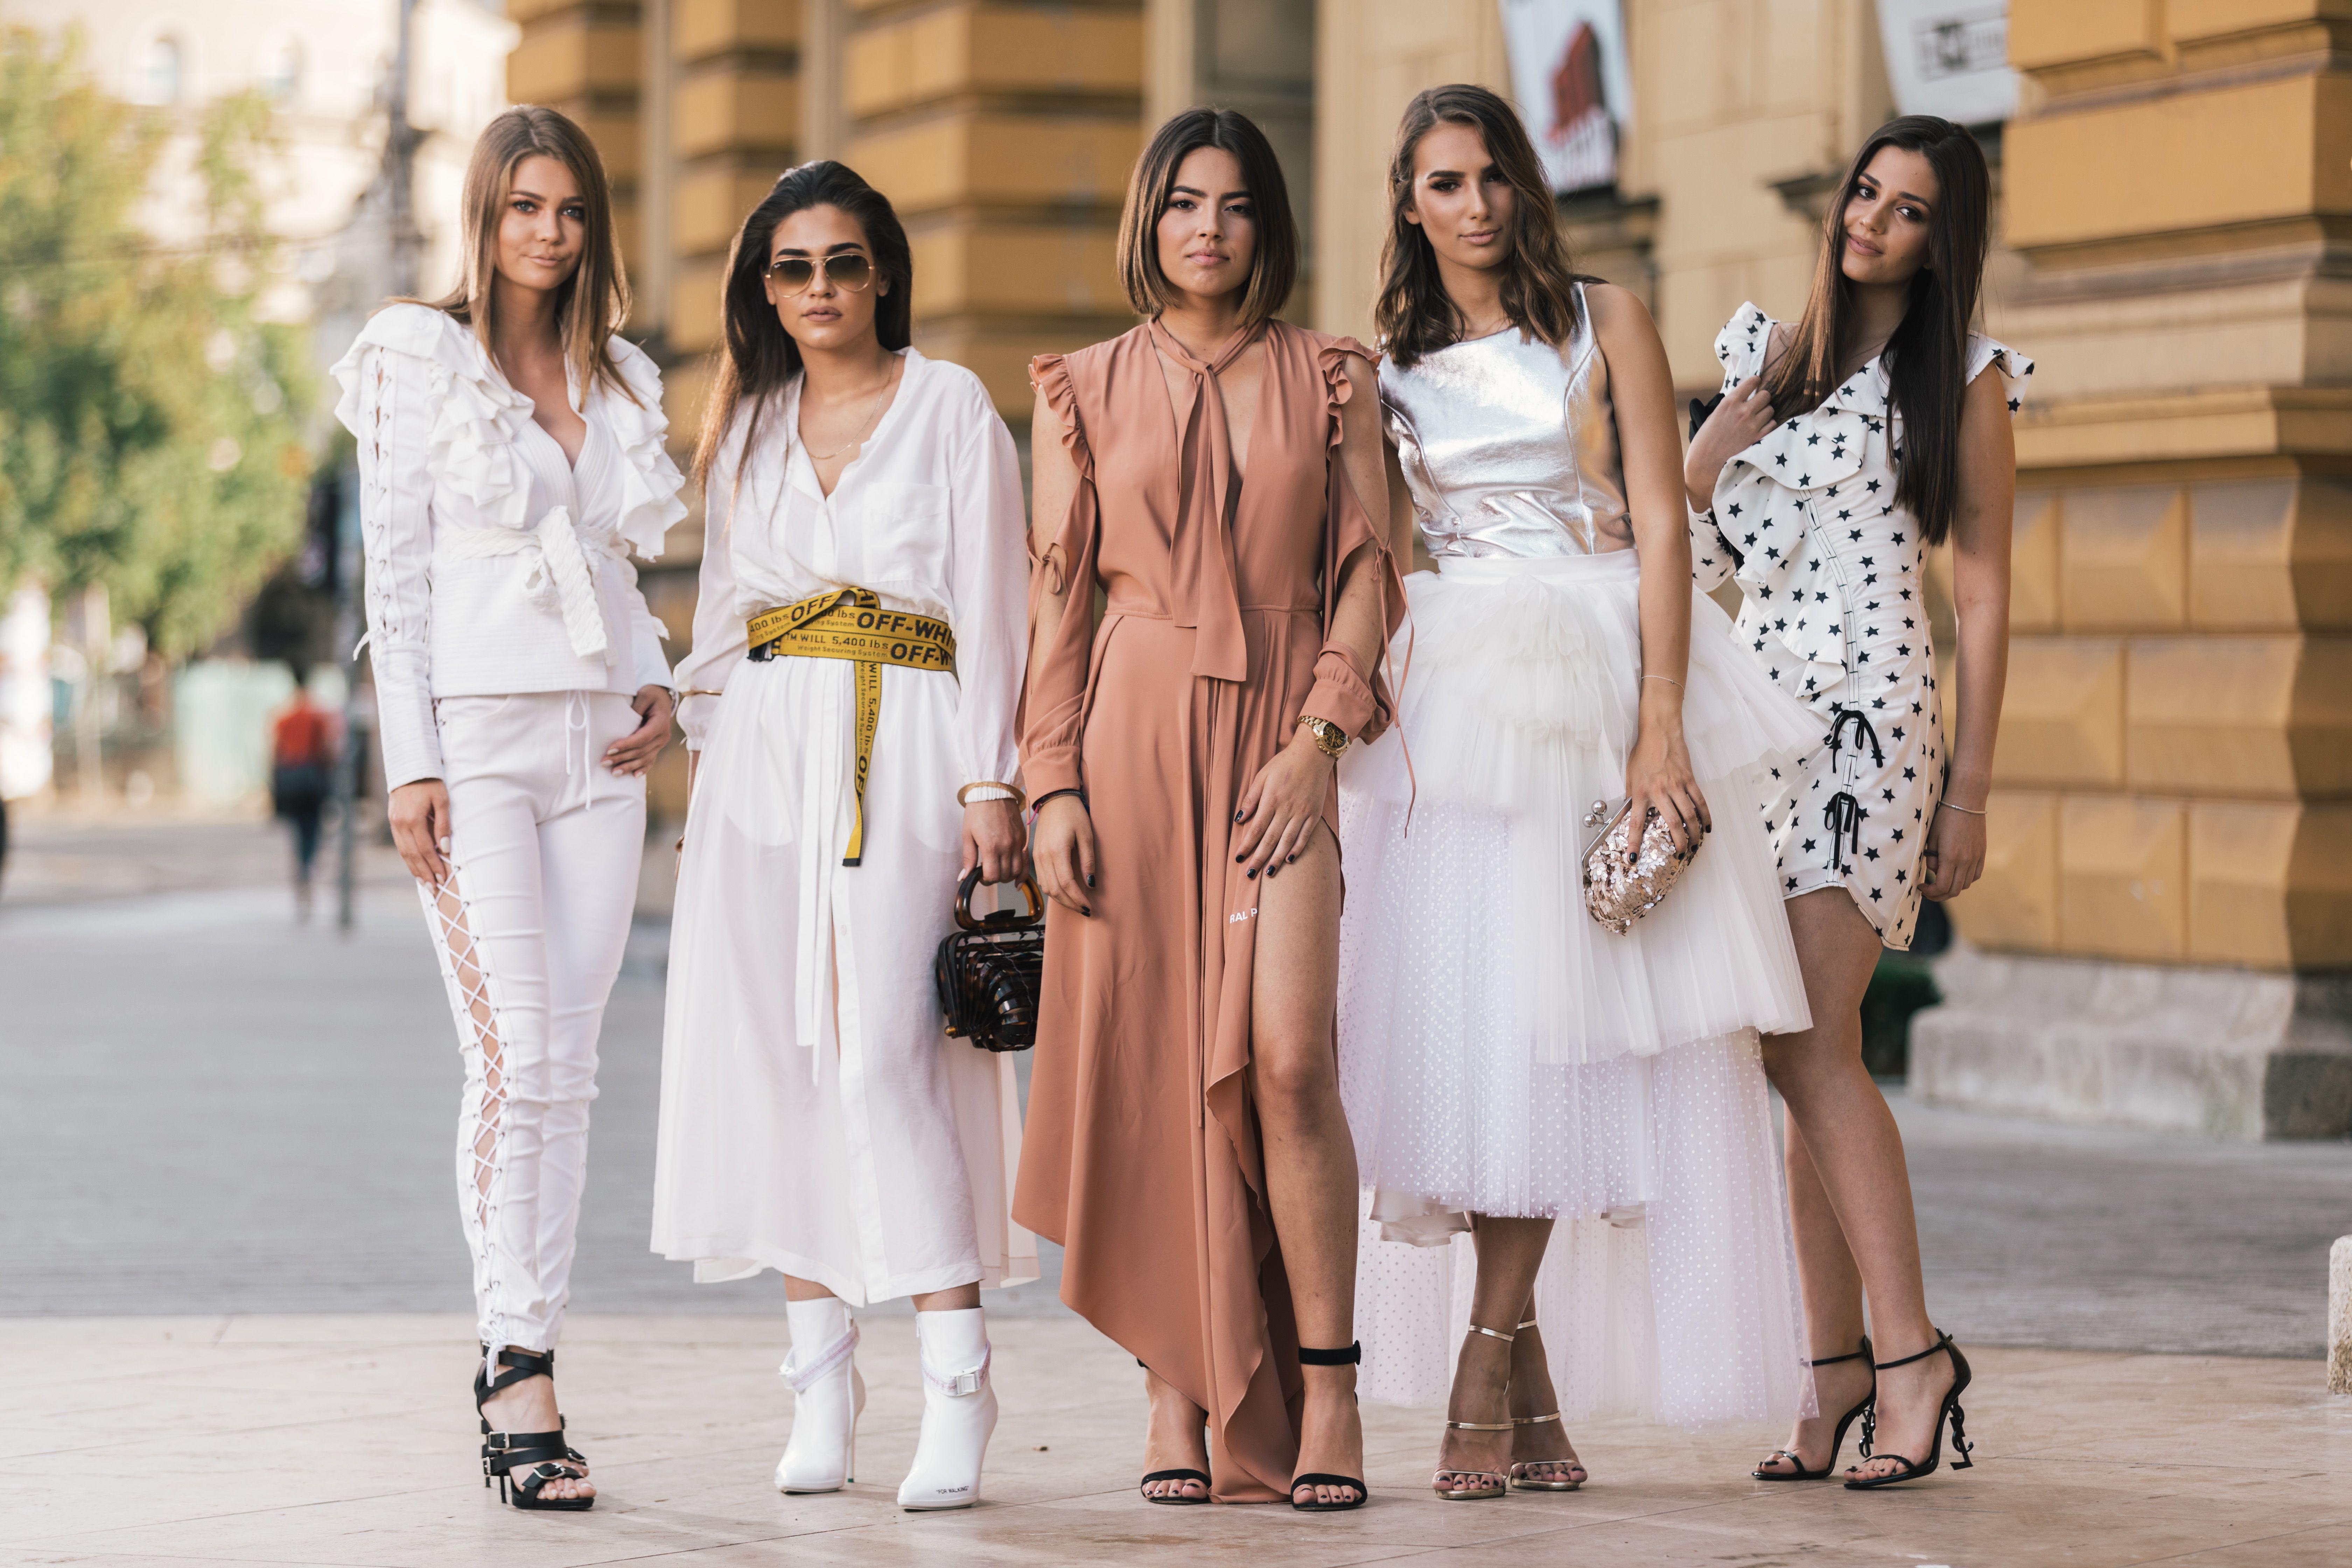 Prisjetili smo se najljepše maturalne u Zagrebu: Cure su izgledale kao s naslovnice Voguea!